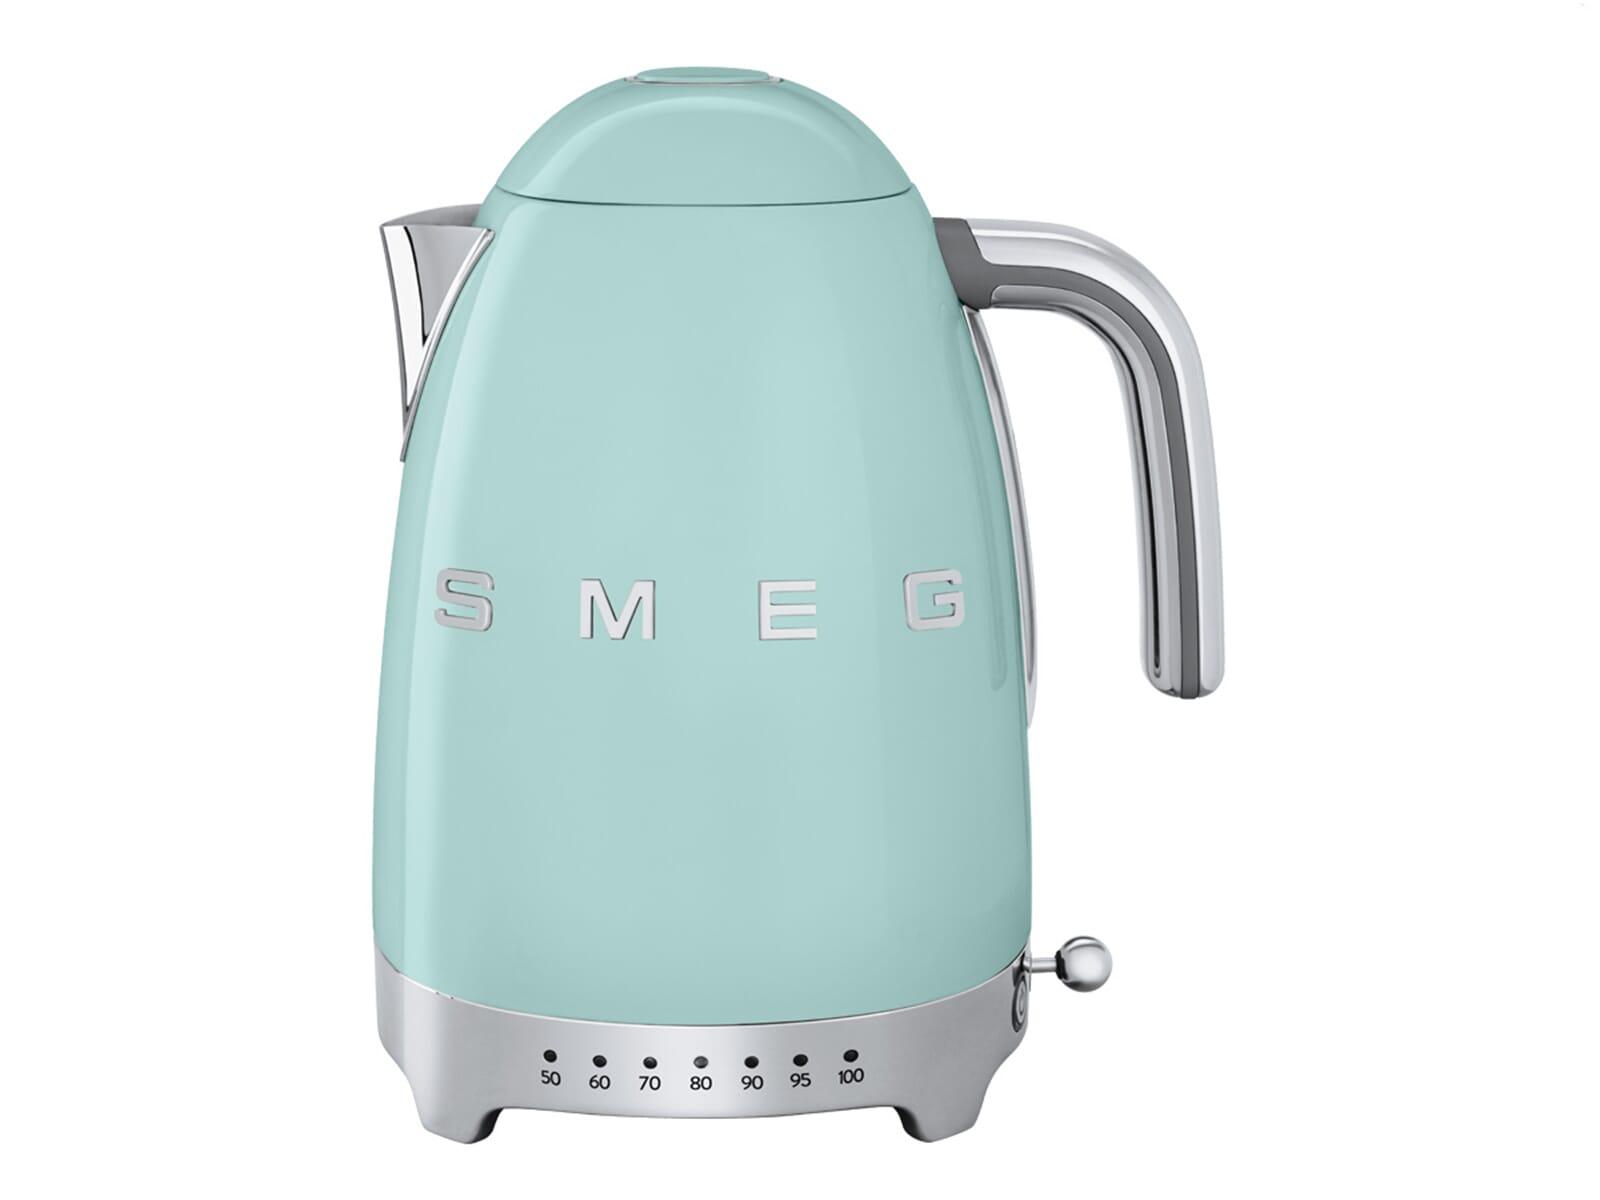 Smeg Kühlschrank Pastelgrün : Smeg klf pgeu wasserkocher pastellgrün